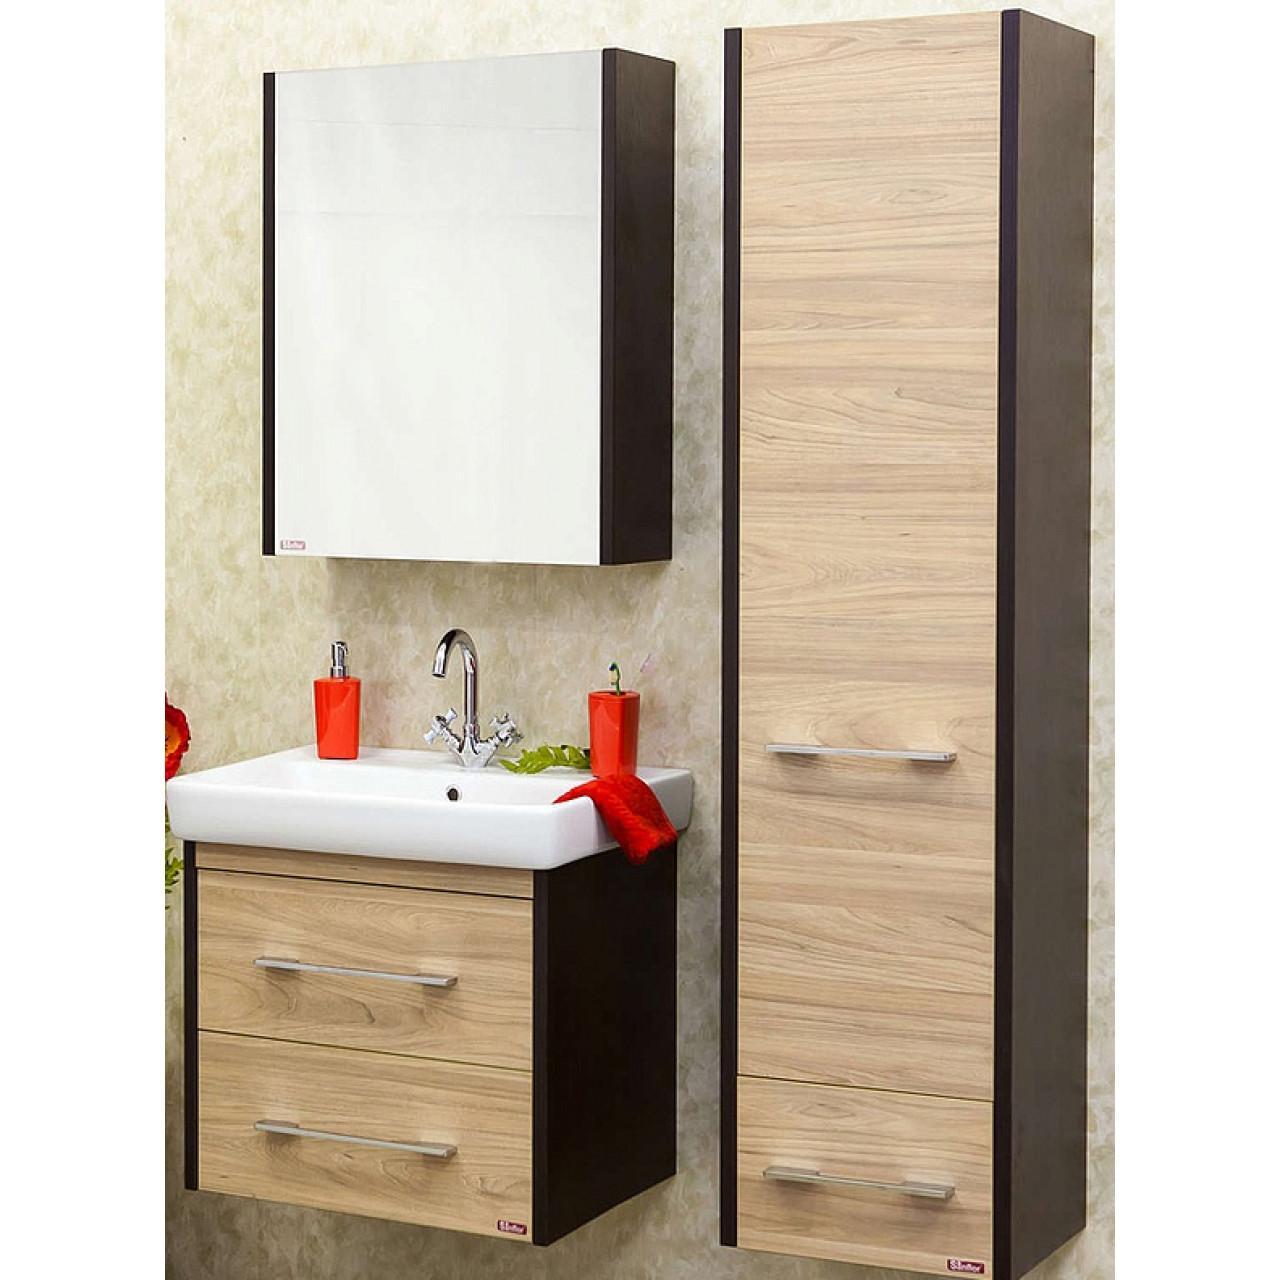 Комплект мебели Sanflor Ларго 60 подвесной купить в Москве по цене от 14980р. в интернет-магазине mebel-v-vannu.ru